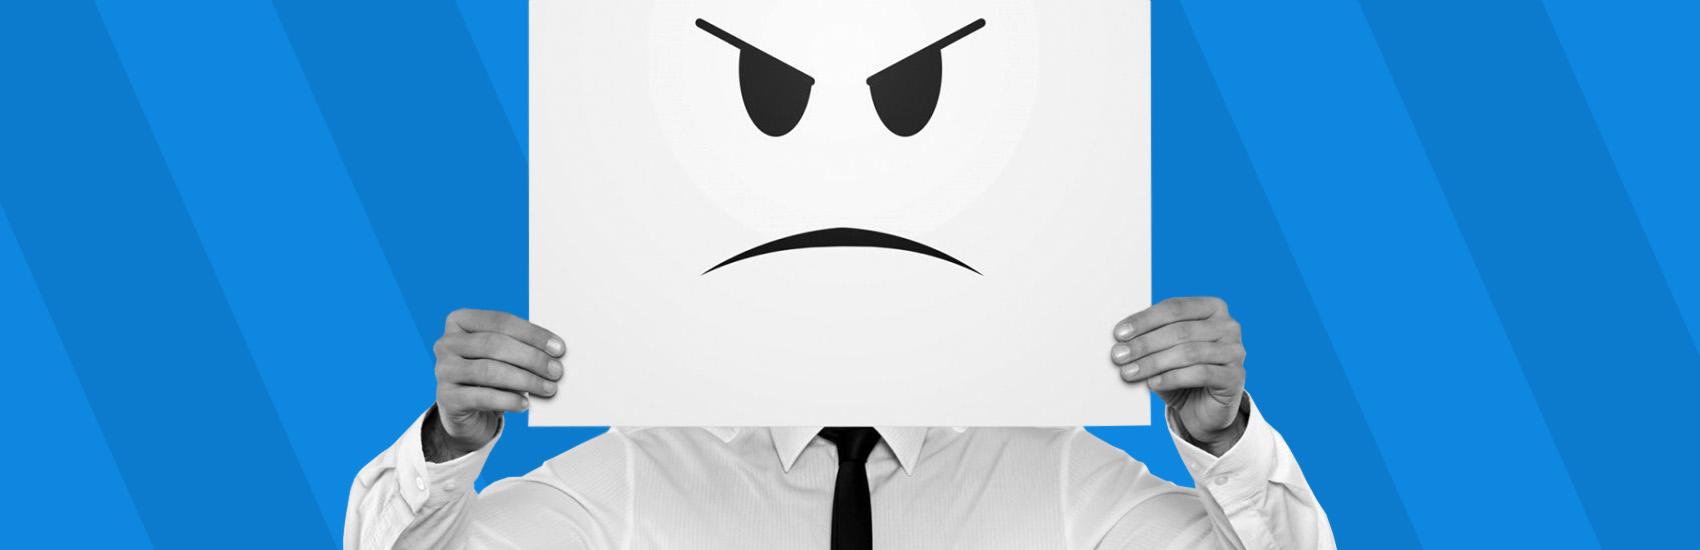 Как определить токсичного сотрудника и что делать дальше? Разбираемся вместе с Делегатор24